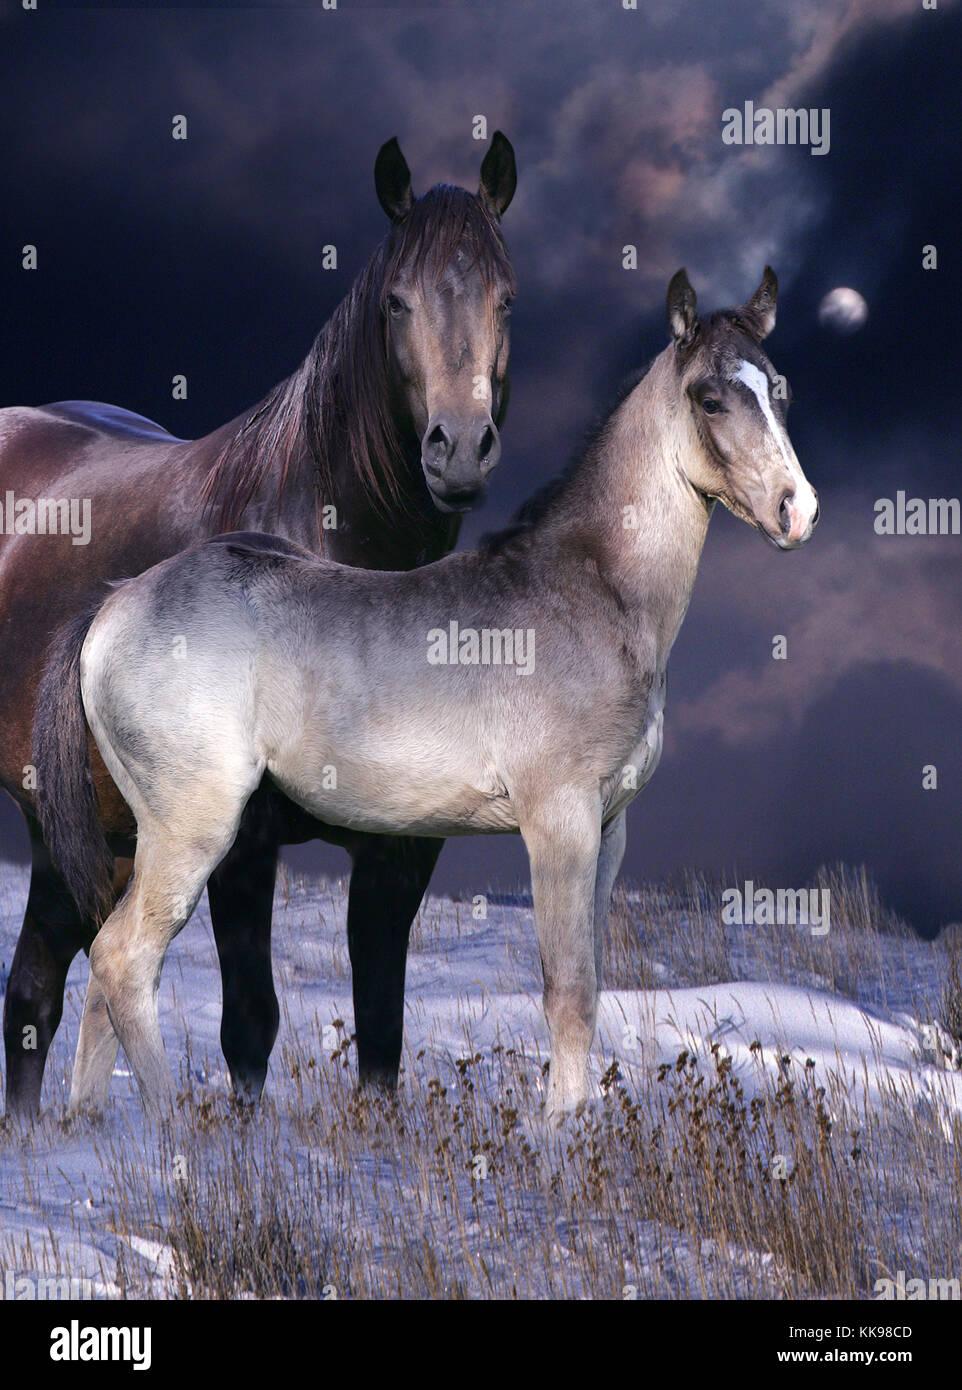 Eine schöne Stute und Ihr Fohlen stehen in einer verschneiten Landschaft mit einem violetten Himmel hinter. Stockfoto